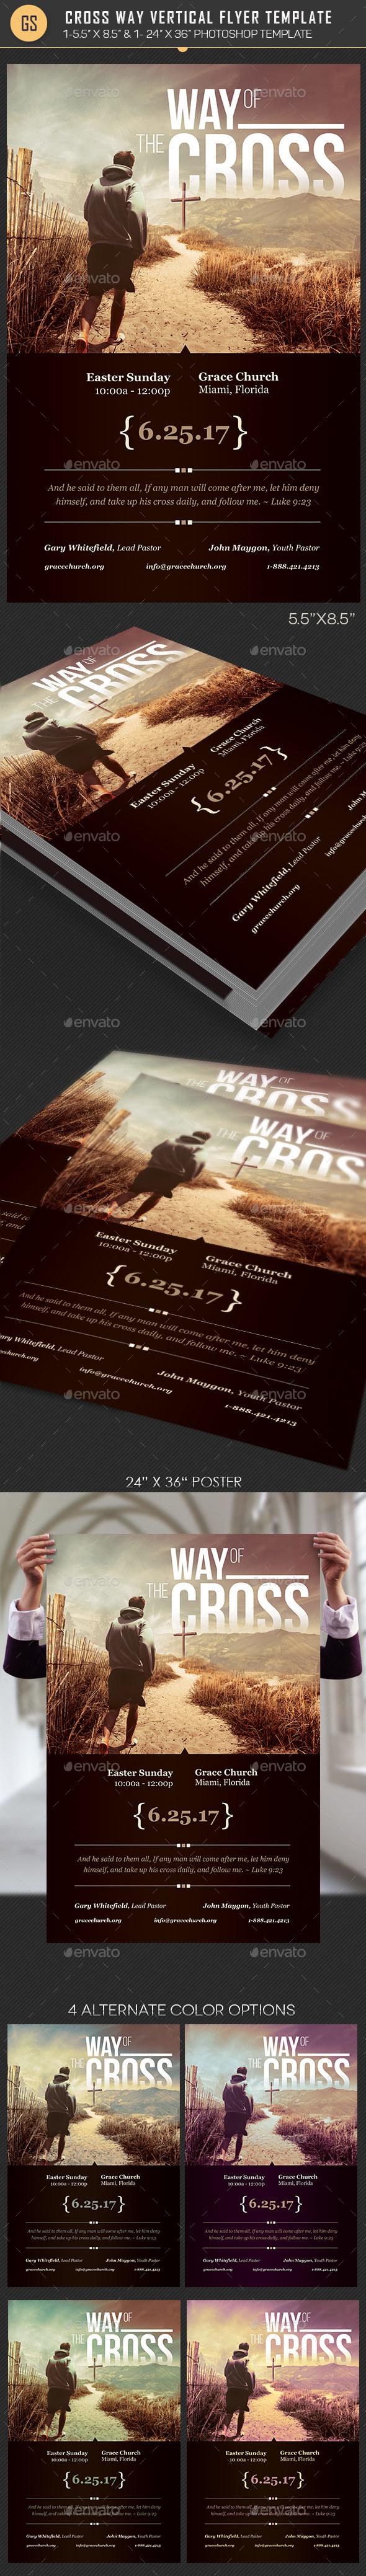 Cross Way Vertical Flyer Poster Template - Church Flyers